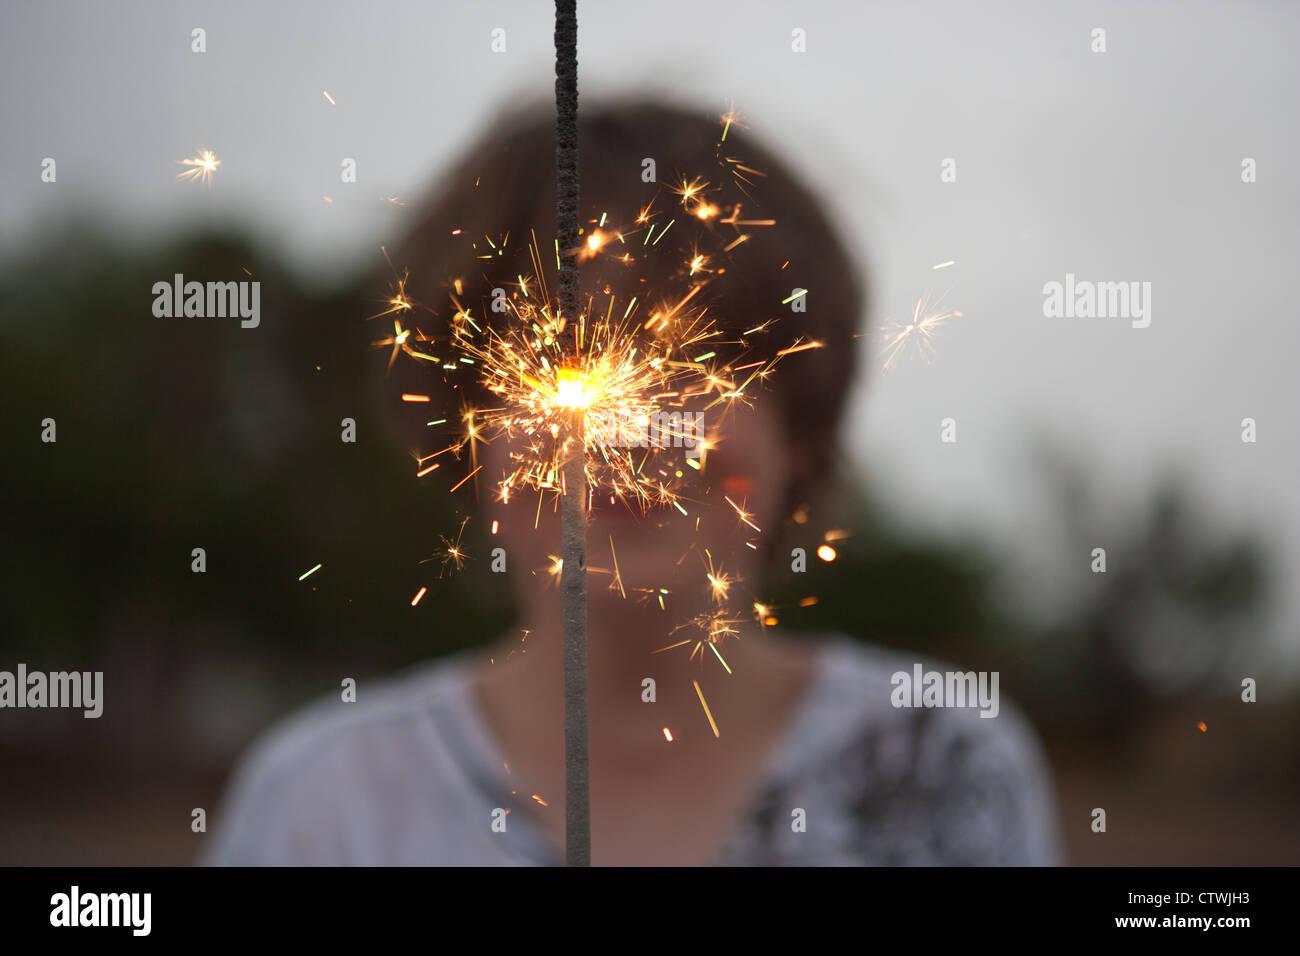 Chico de 13 años sostiene una gran spakler el 4 de julio. Imagen De Stock